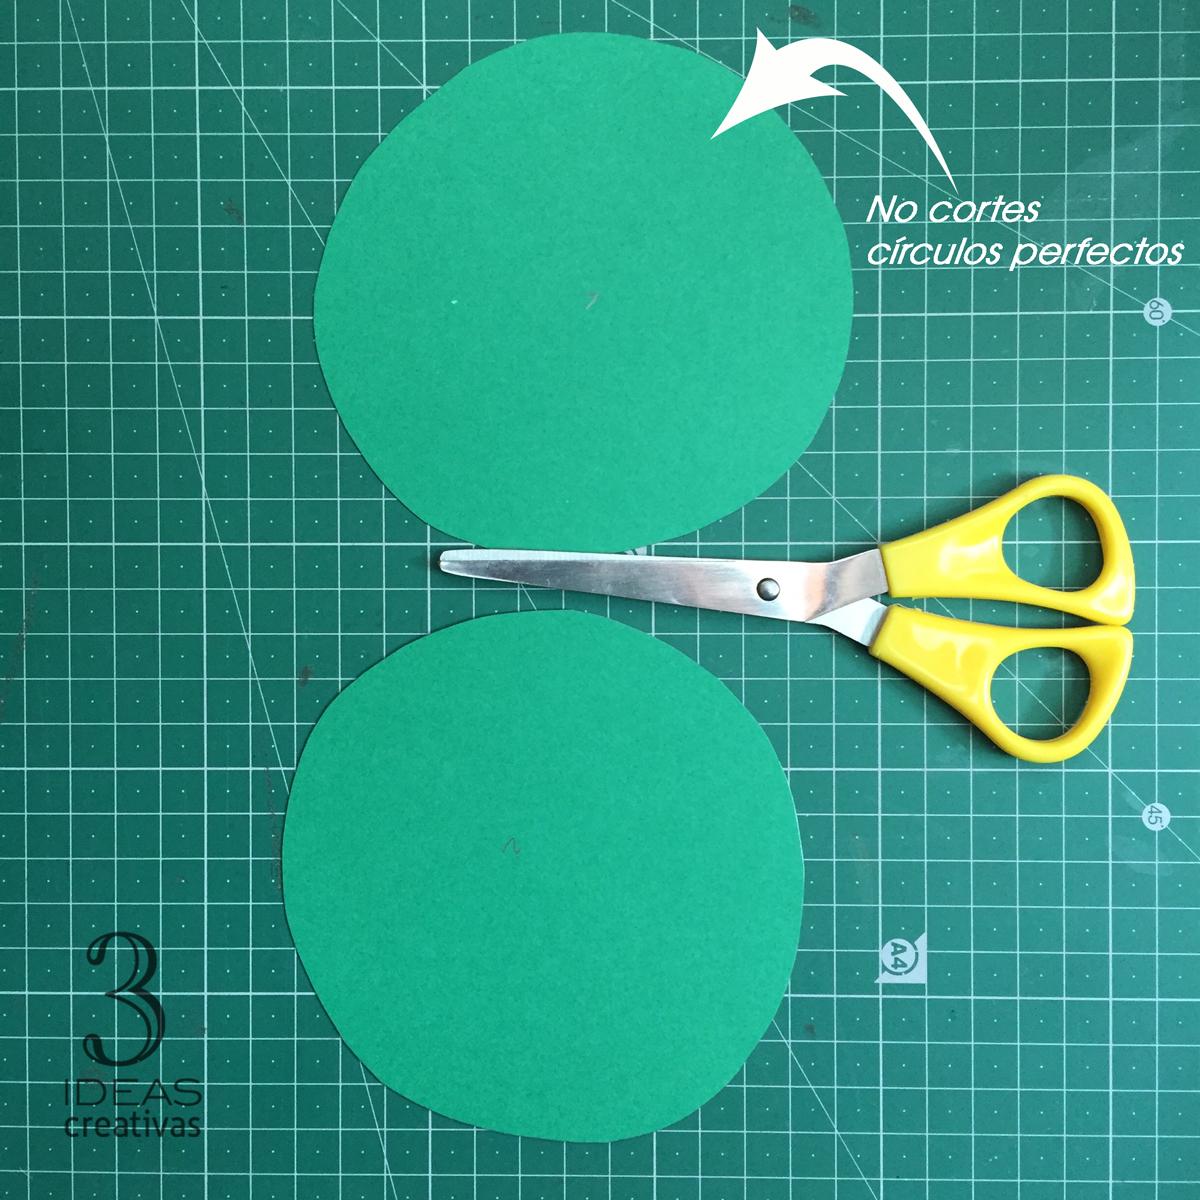 corta-circulos-imperfectos